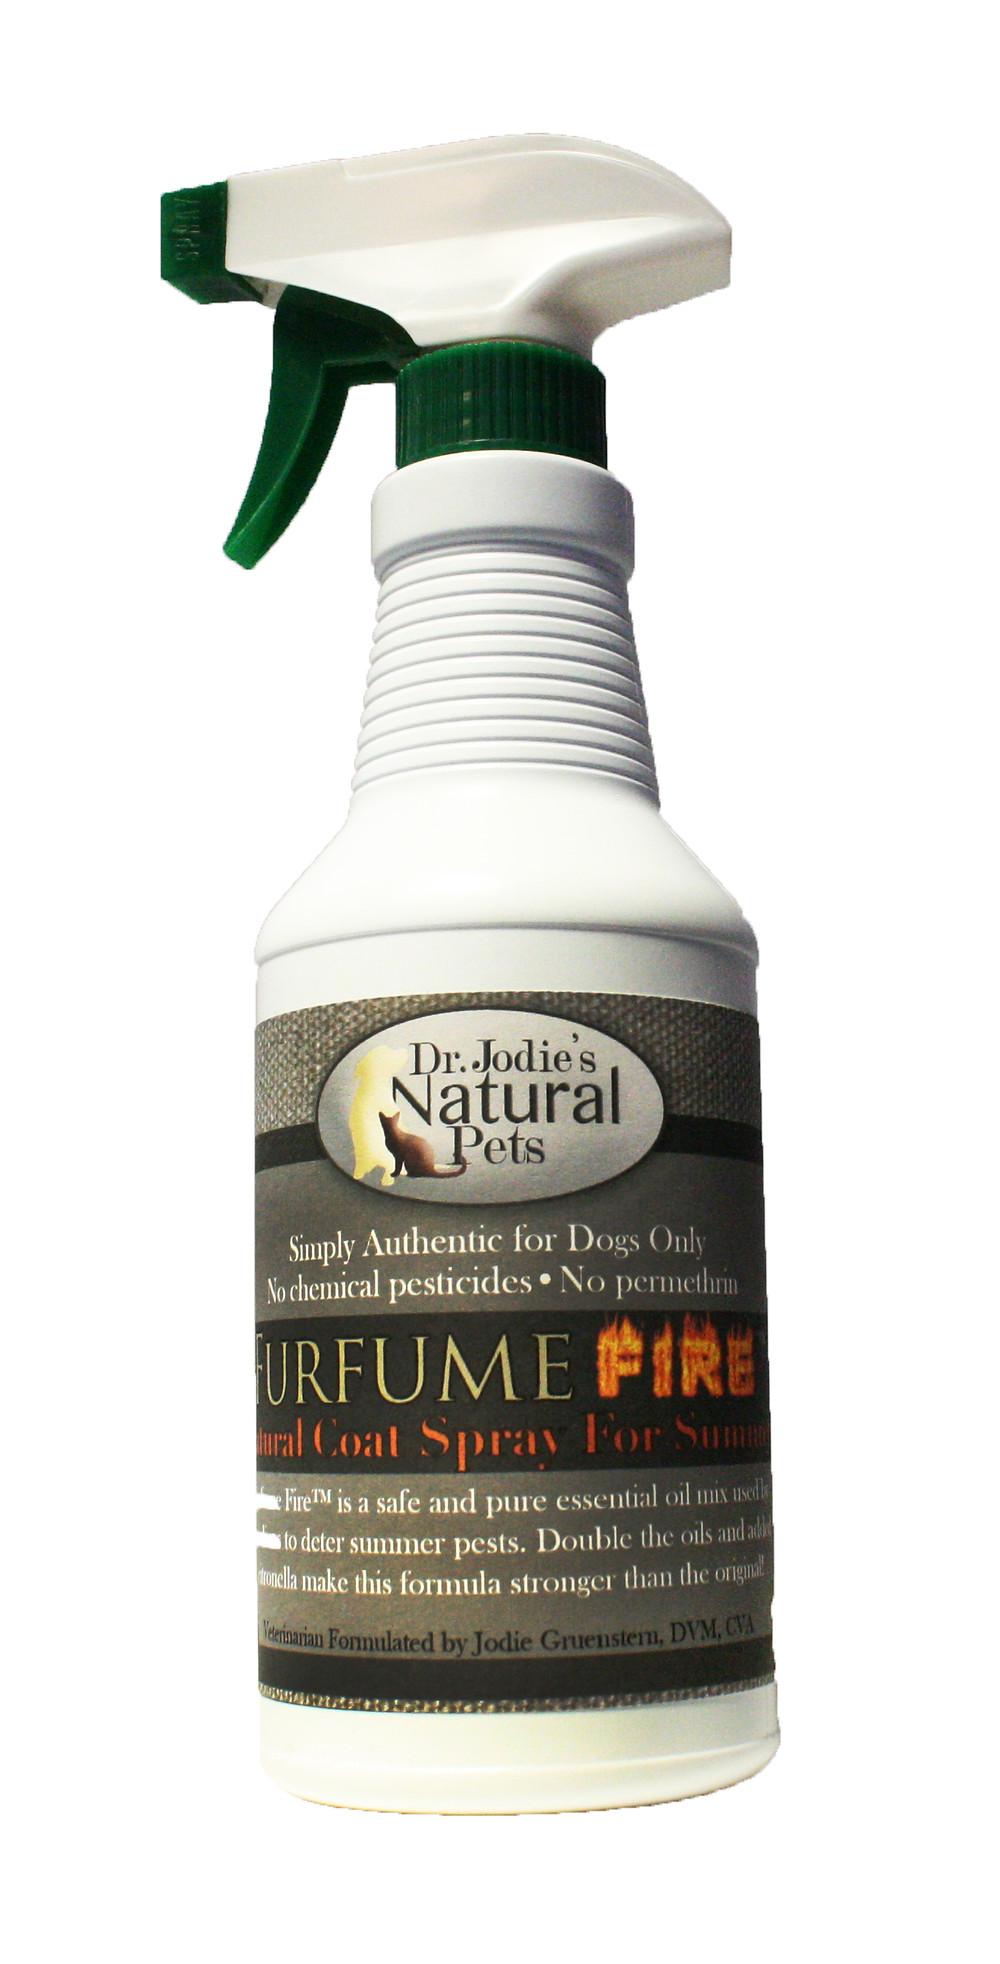 furfume fire.jpg